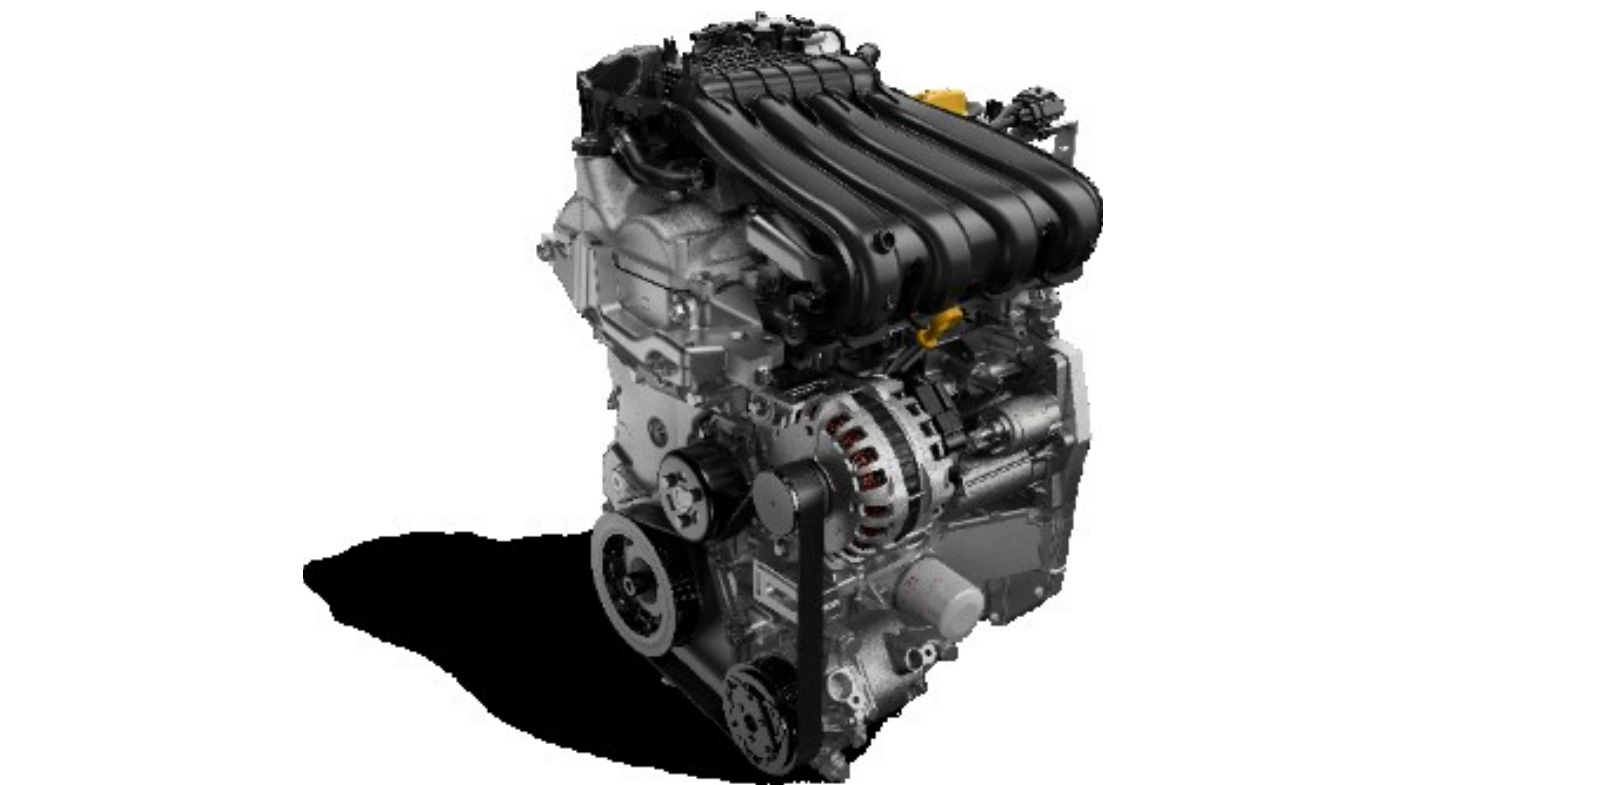 motor 1.6 sce renault